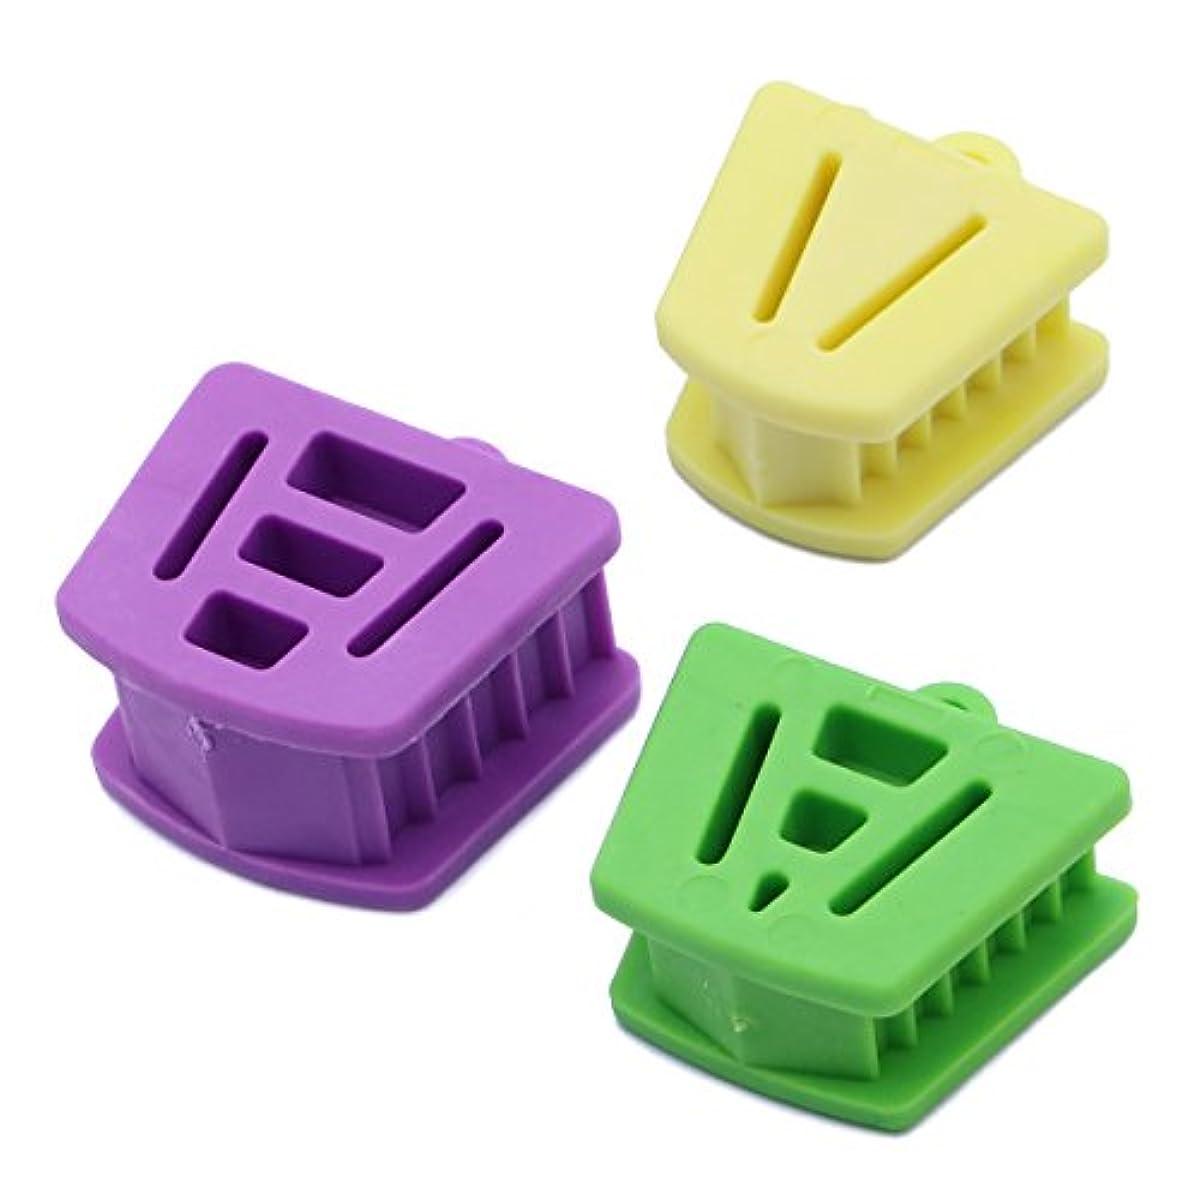 効率的に座標隔離するHealifty 3個/パック口プロップバイトブロック歯科口腔内支持矯正用アクセサリー